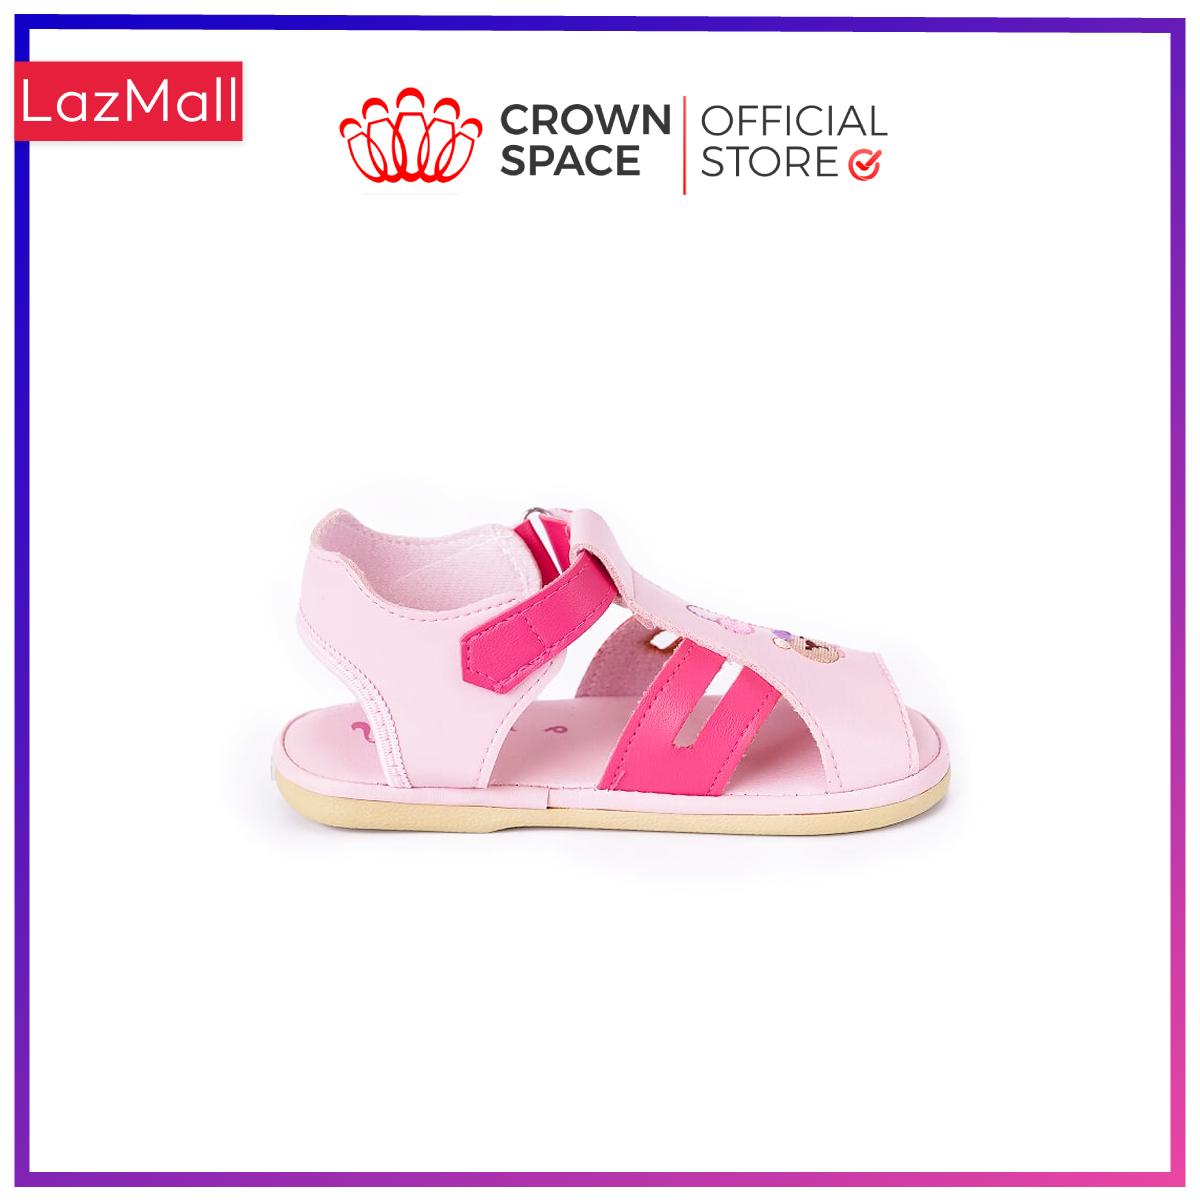 Xăng Đan Tập Đi Bé Trai Bé Gái Đẹp Crown UK Royale Baby Walking Sandals Trẻ em Cao Cấp 021482 Nhẹ Êm Size 3-6/1-3 Tuổi